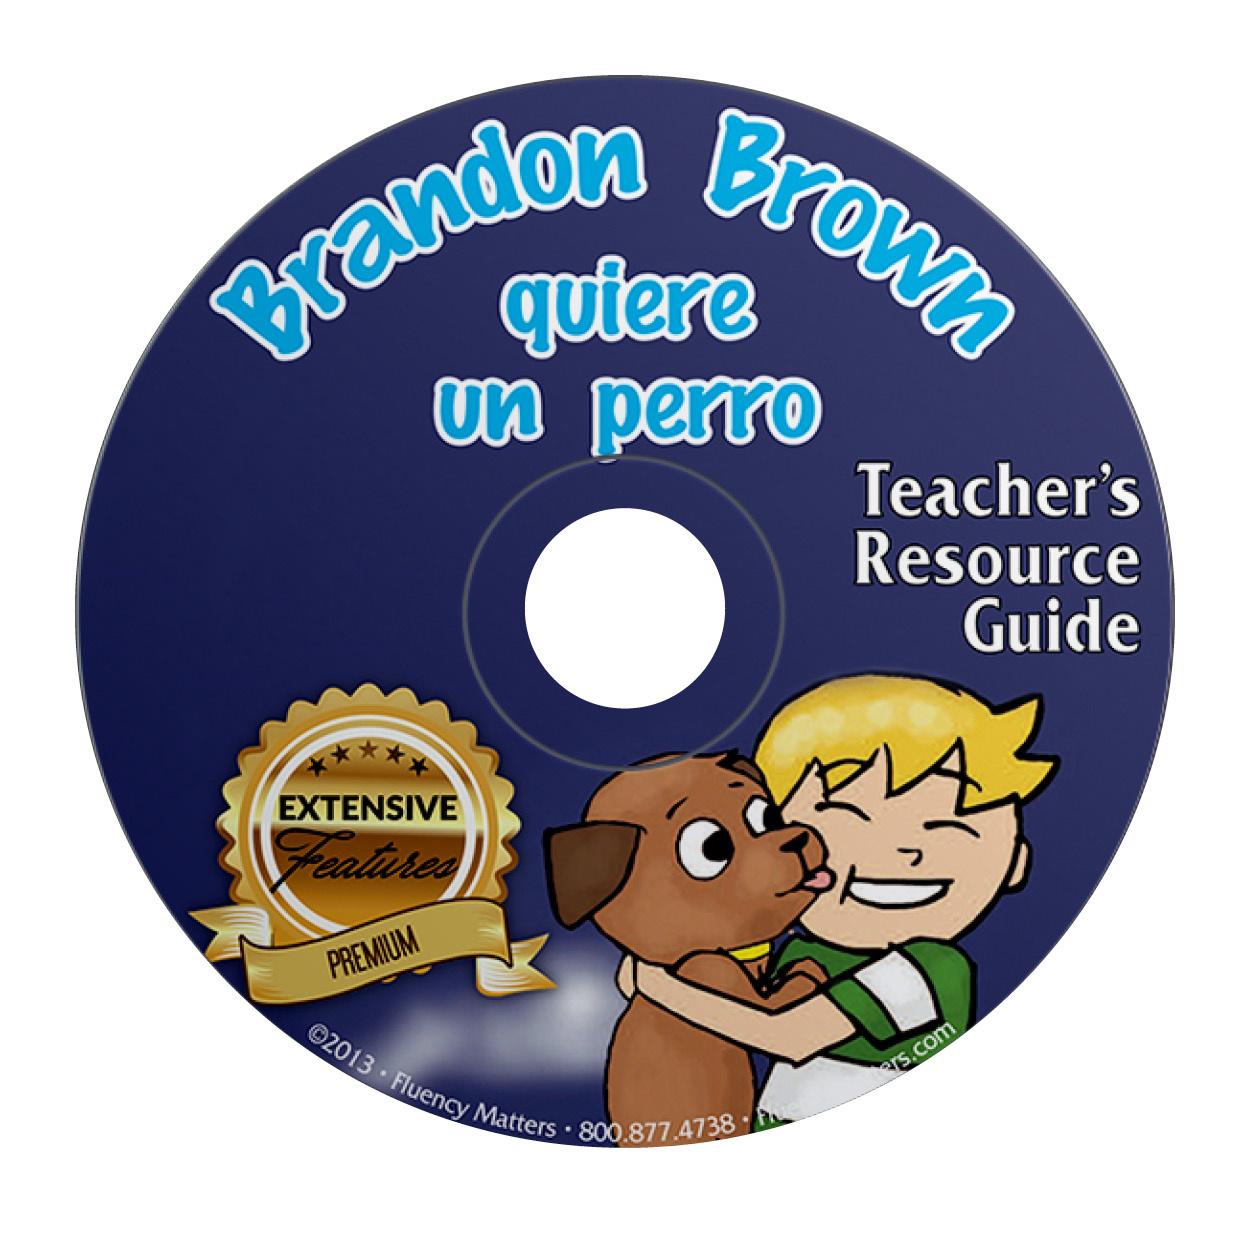 Brandon Brown quiere un perro - Teacher's Guide on CD